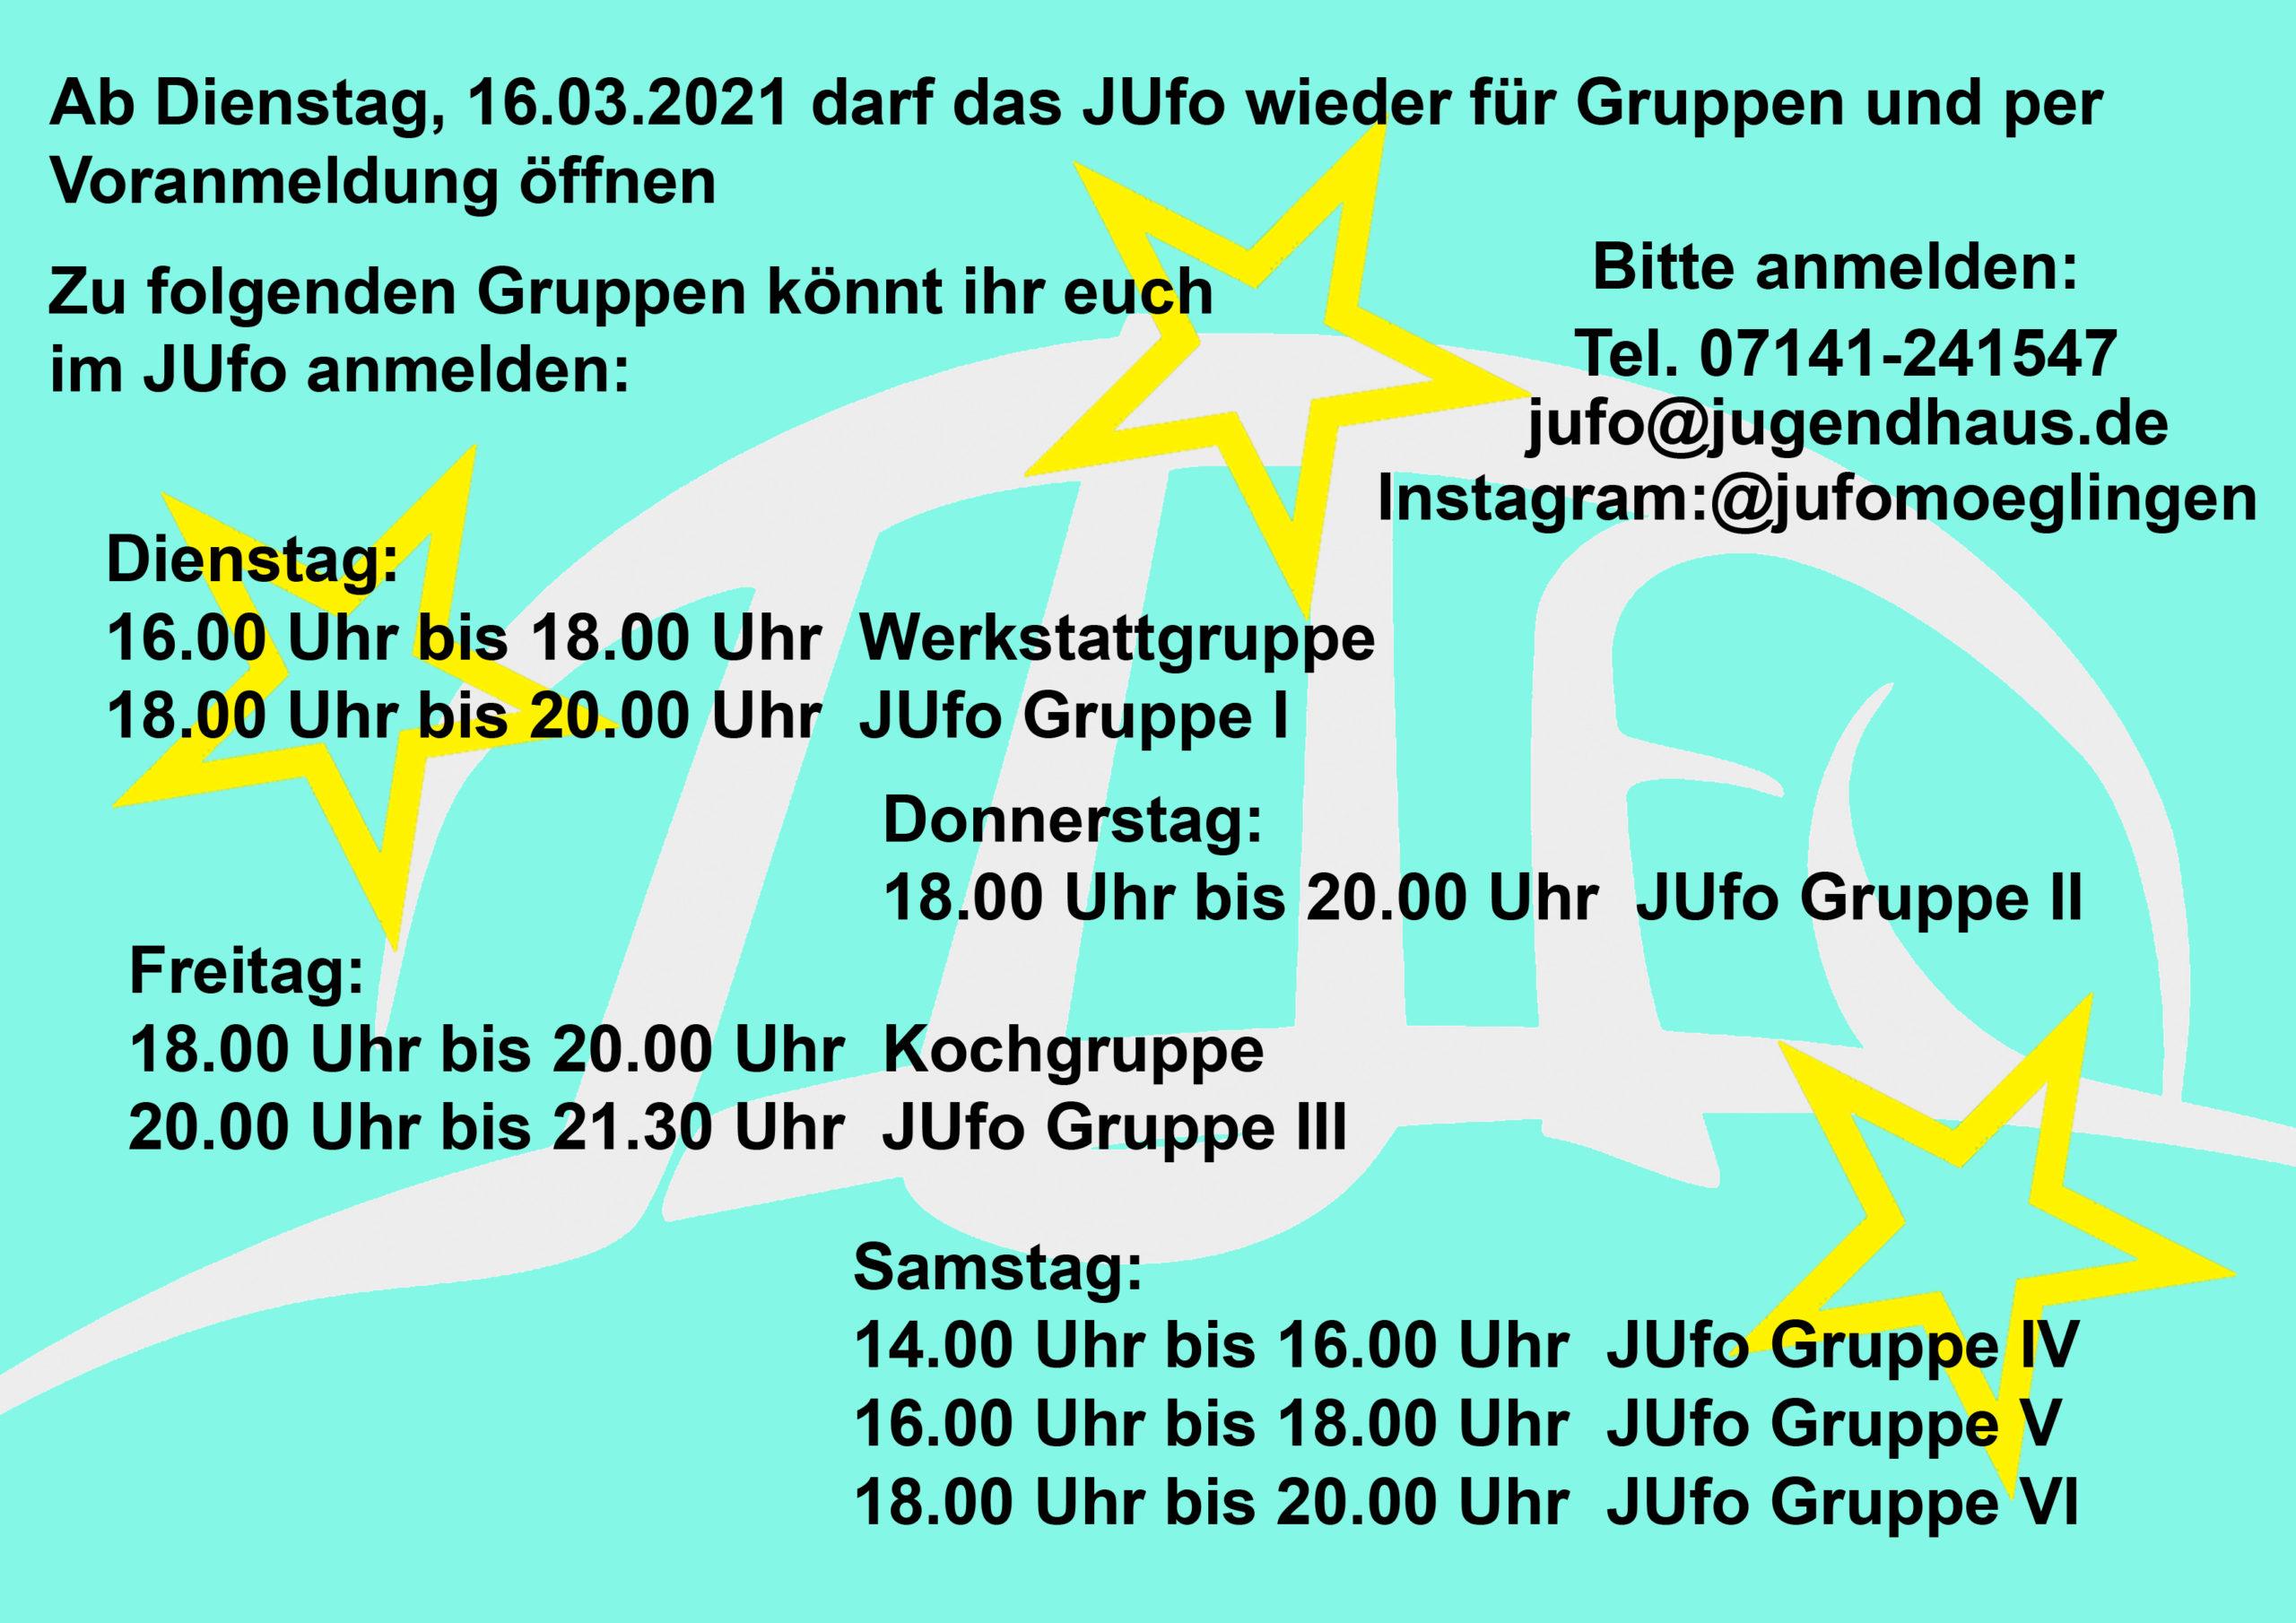 Ab Dienstag, 16.03.2021 darf das JUfo wieder für Gruppen und per Voranmeldung öffnen. Zu folgenden Gruppen könnt ihr euch im JUfo anmelden: Dienstag: Werkstattgruppe von 16.00 Uhr bis 18.00 Uhr. Gruppe 1 18.00 Uhr bis 20.00 Uhr. Donnerstag: Gruppe 2 18.00 Uhr bis 20.00 Uhr. Freitag: Kochgruppe 18.00 Uhr bis 20.00 Uhr. Gruppe 3 20.00 Uhr bis 21.30 Uhr. Samstag: Gruppe 4 14.00 Uhr bis 16.00 Uhr. Gruppe 5 16.00 Uhr bis 18.00 Uhr. Gruppe 6 18.00 Uhr bis 20.00 Uhr. Bitte anmelden: Tel. 07141-241547.